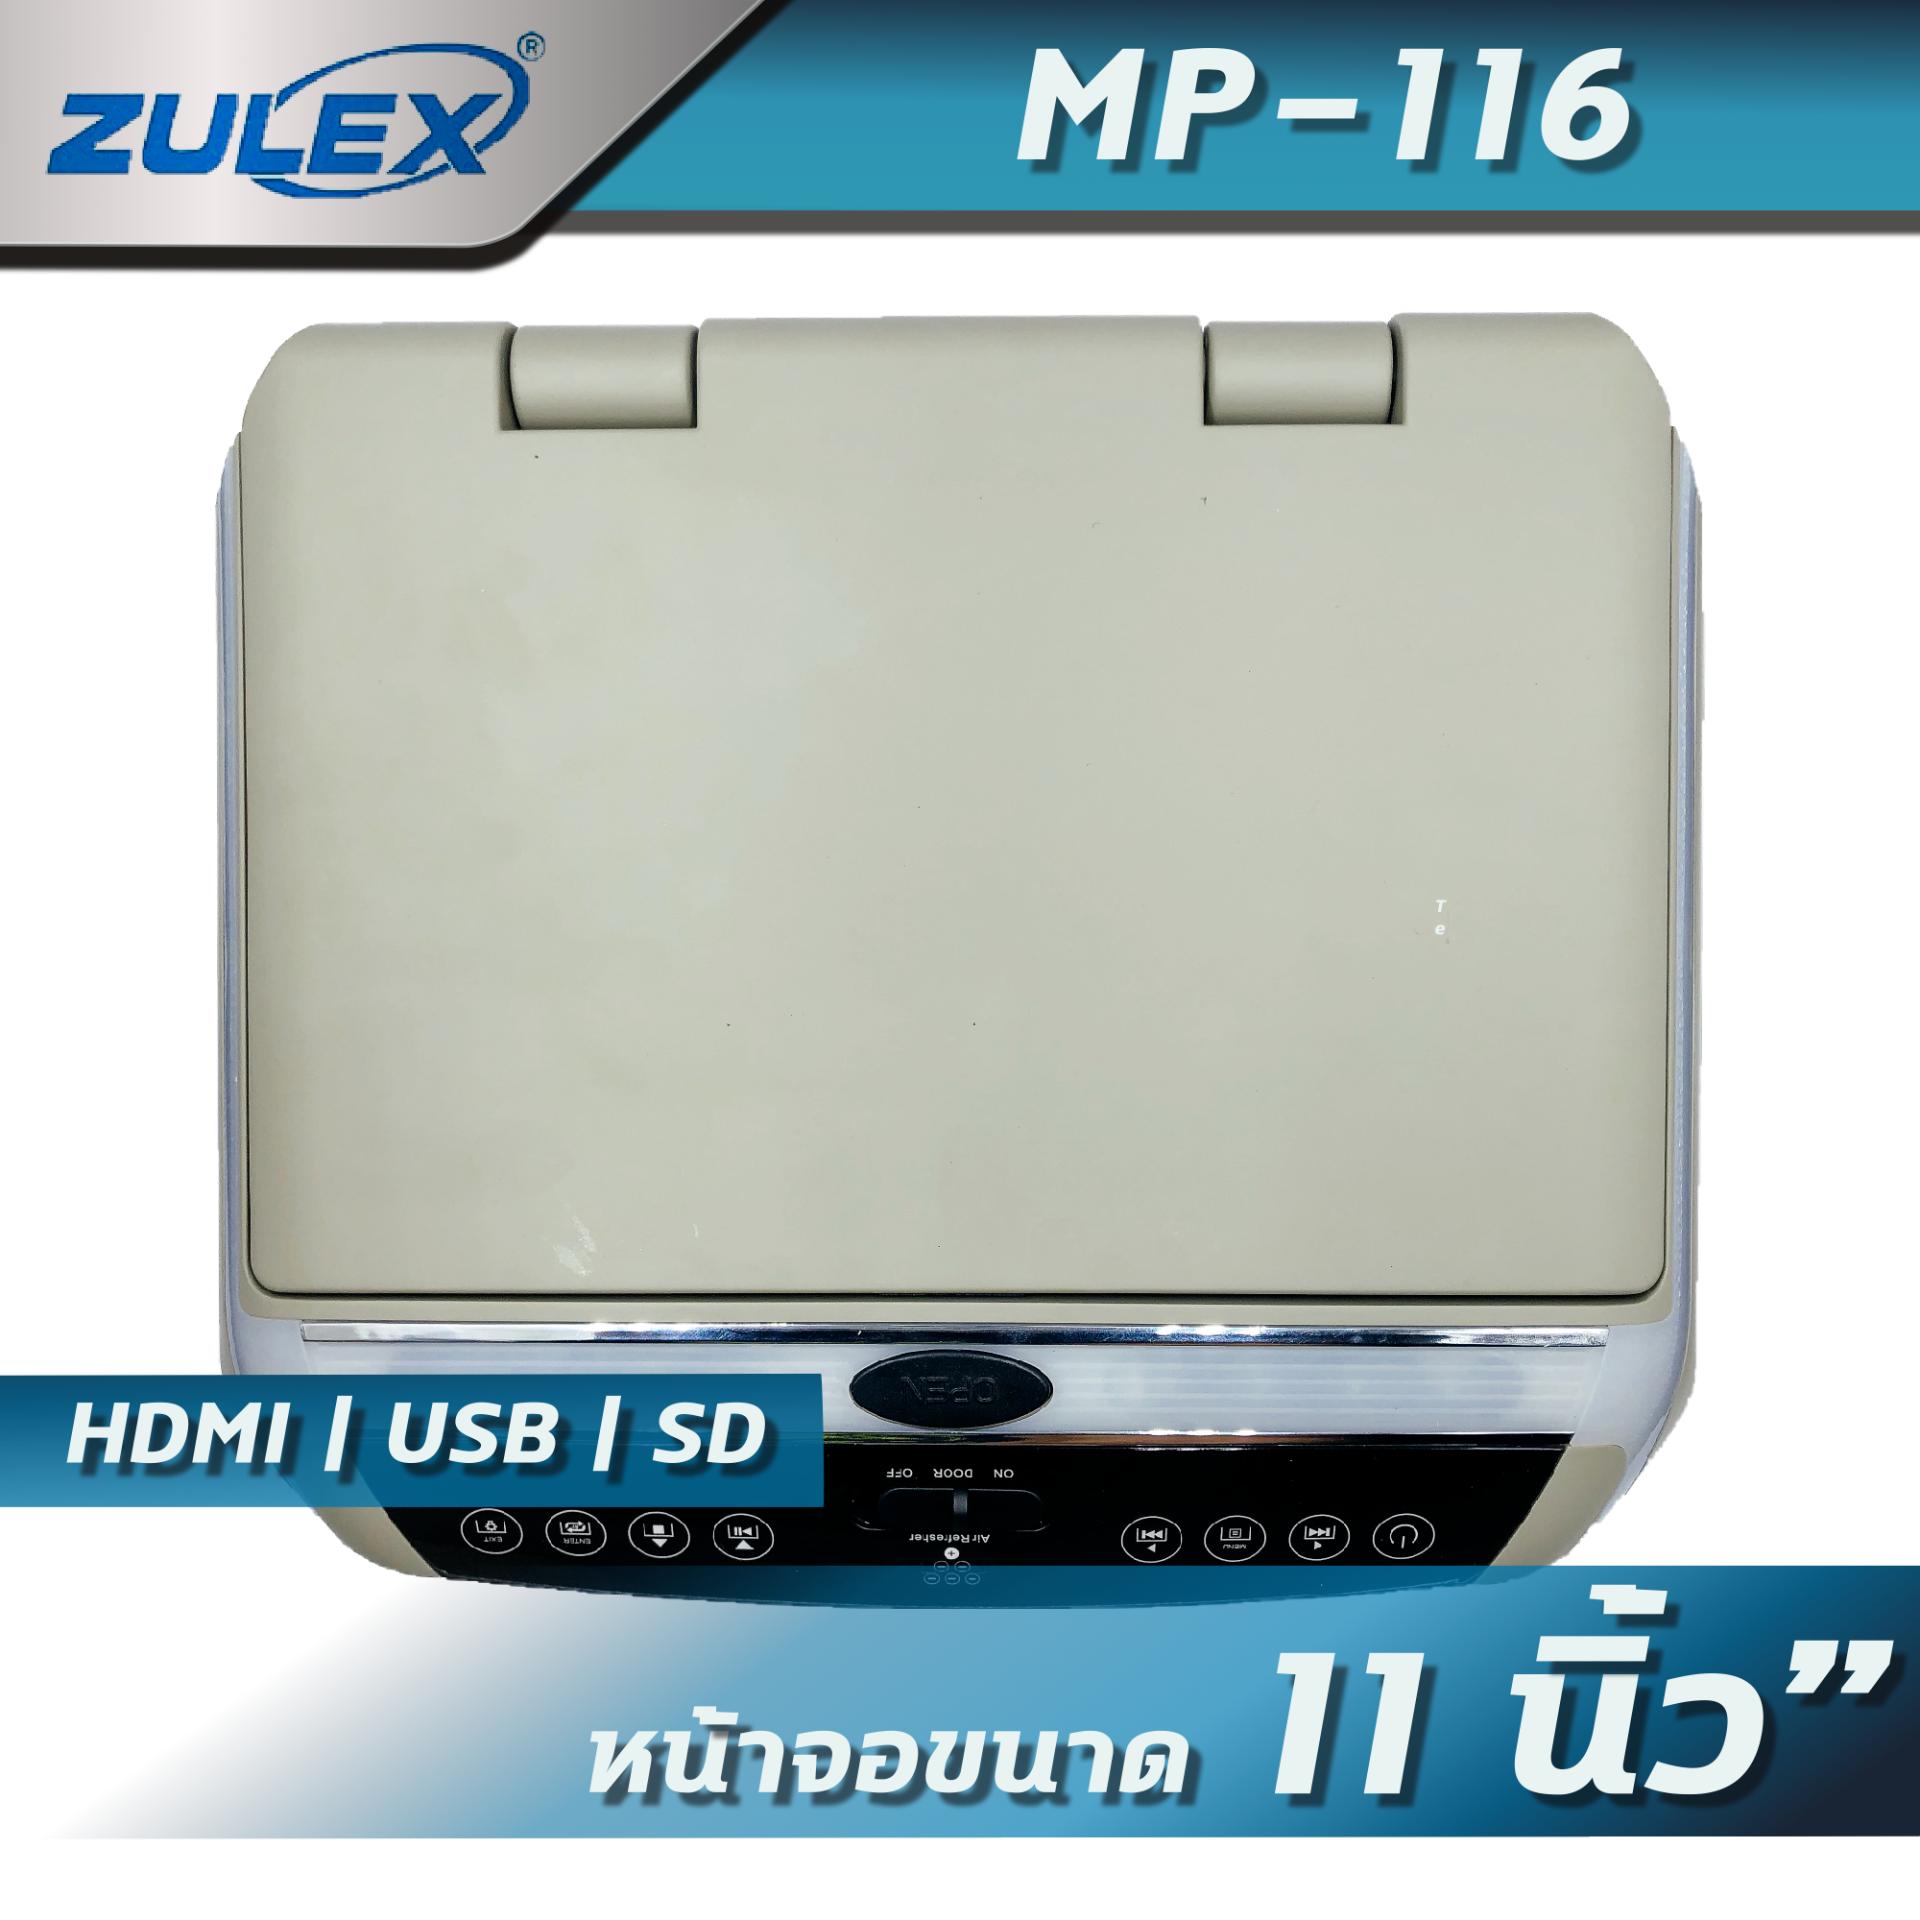 Zulex Pjr116-Hp จอเพดานติดรถยนต์ขนาด 11.6 นิ้ว มีเครื่องฟอกอากาศ.